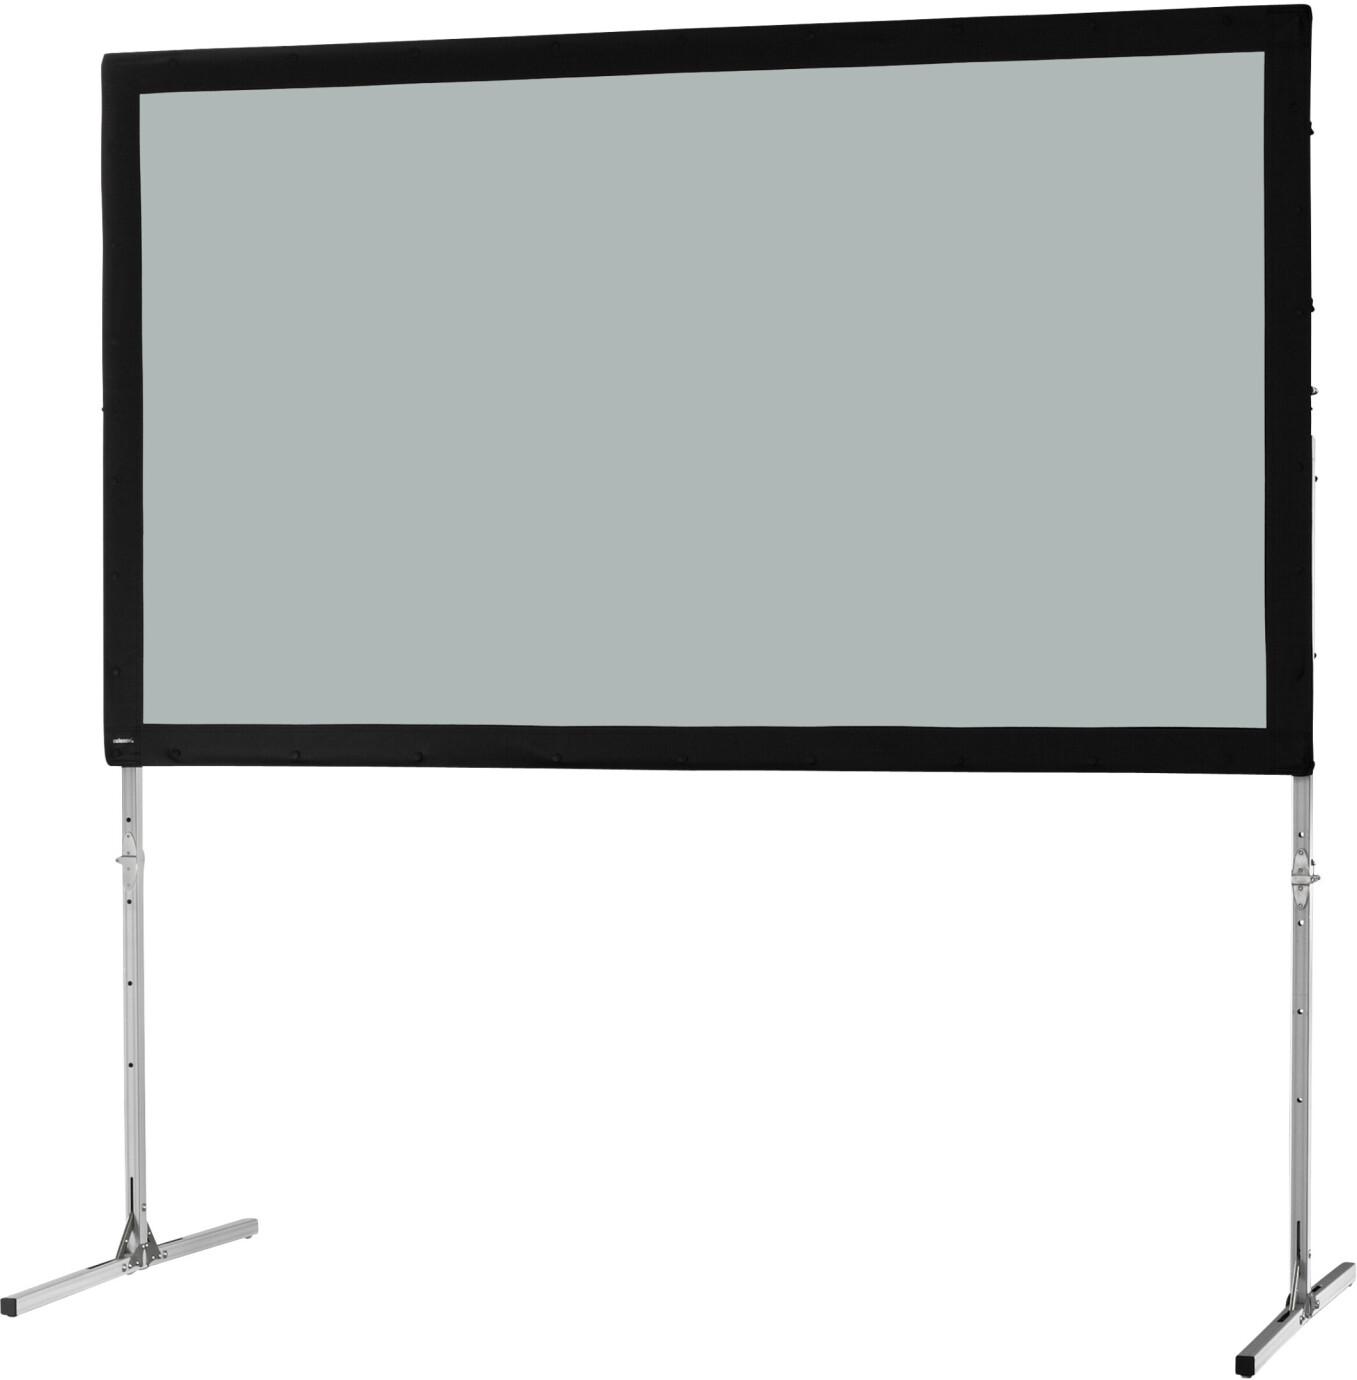 celexon Faltrahmen Leinwand Mobil Expert 366 x 206cm, Rückprojektion